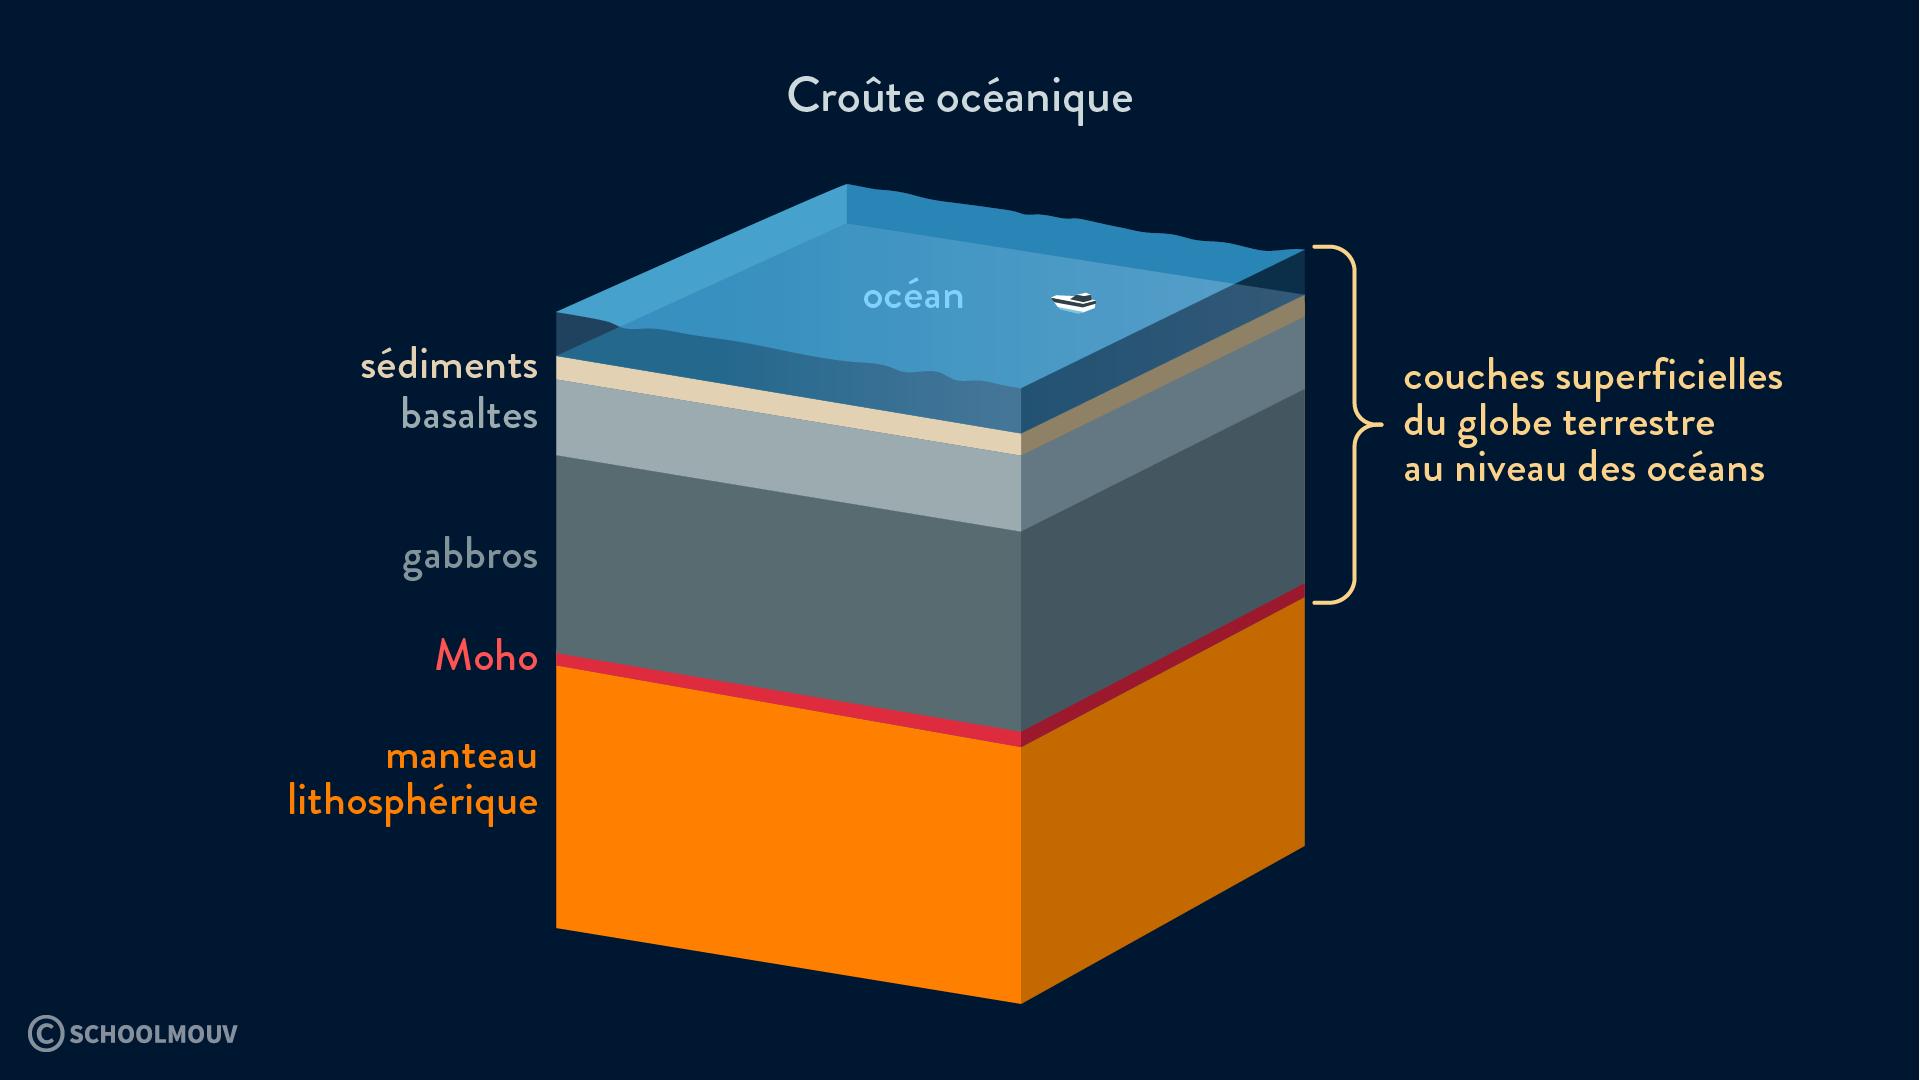 croûte océanique moho manteau sédiments